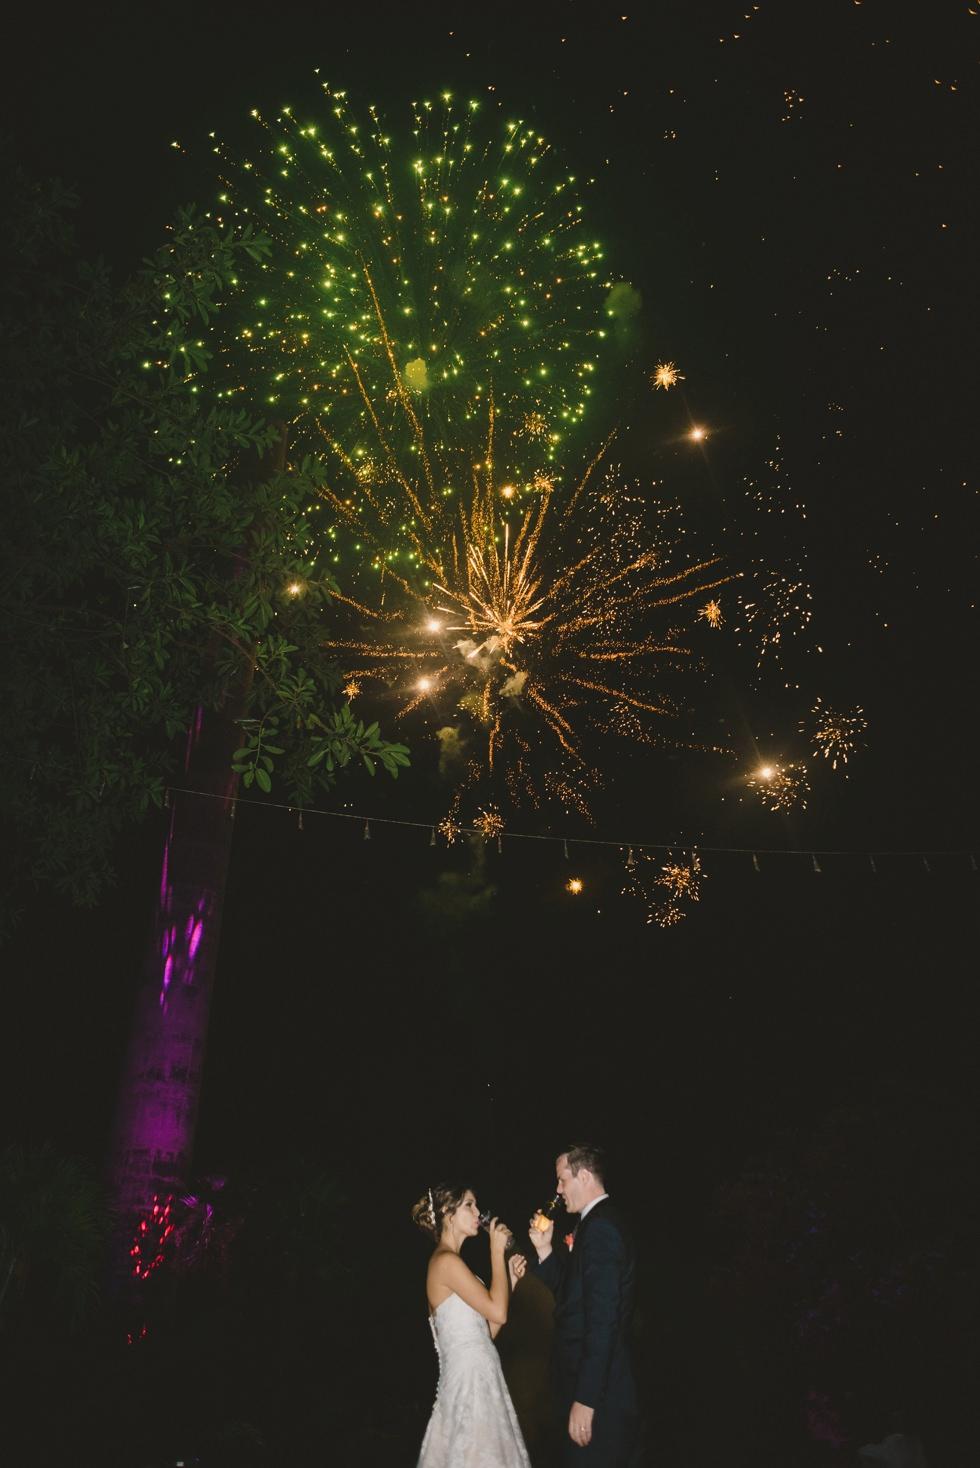 weddingdreams-fotografos_profesionales_de_bodas_1560.jpg